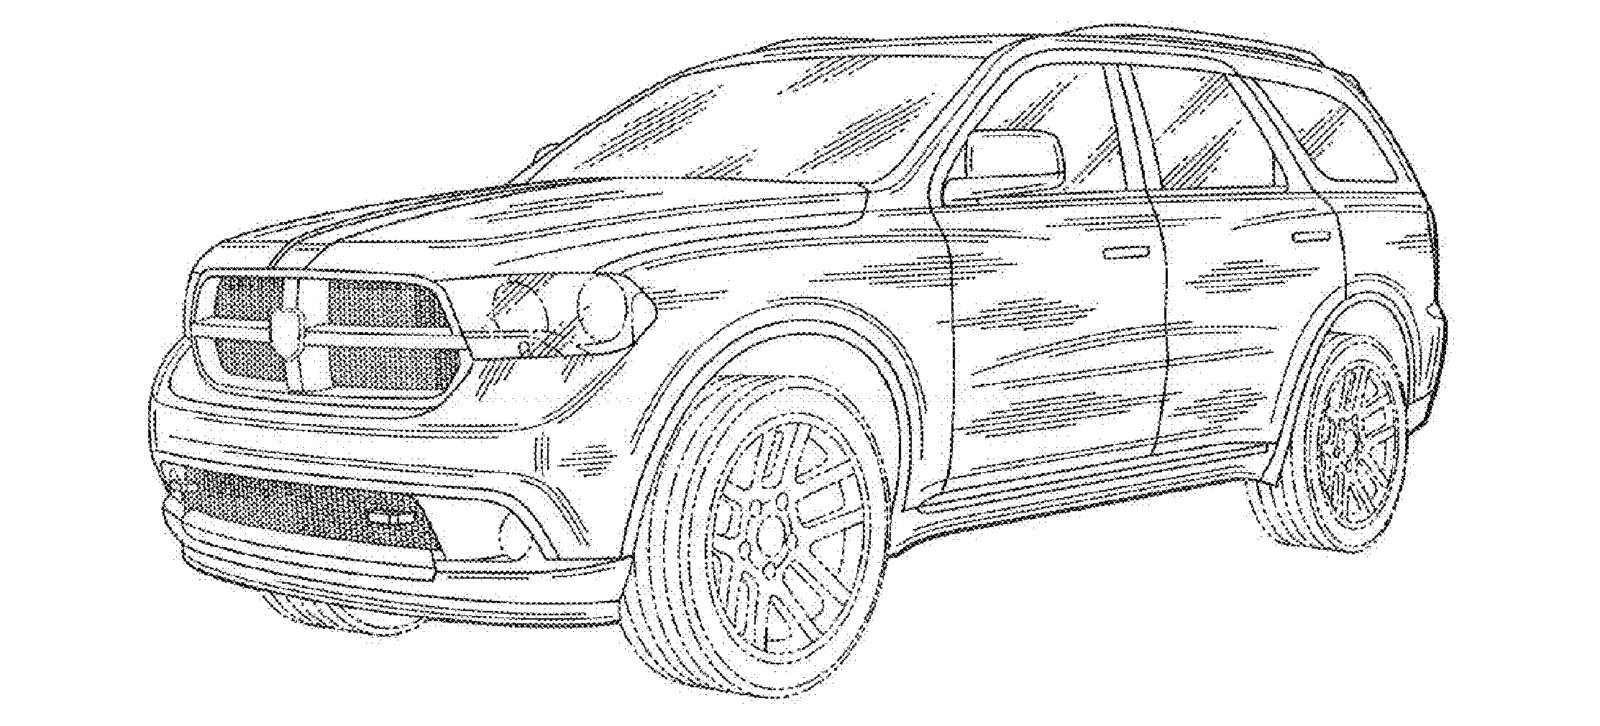 2004 Dodge Durango Fuse Diagram 04